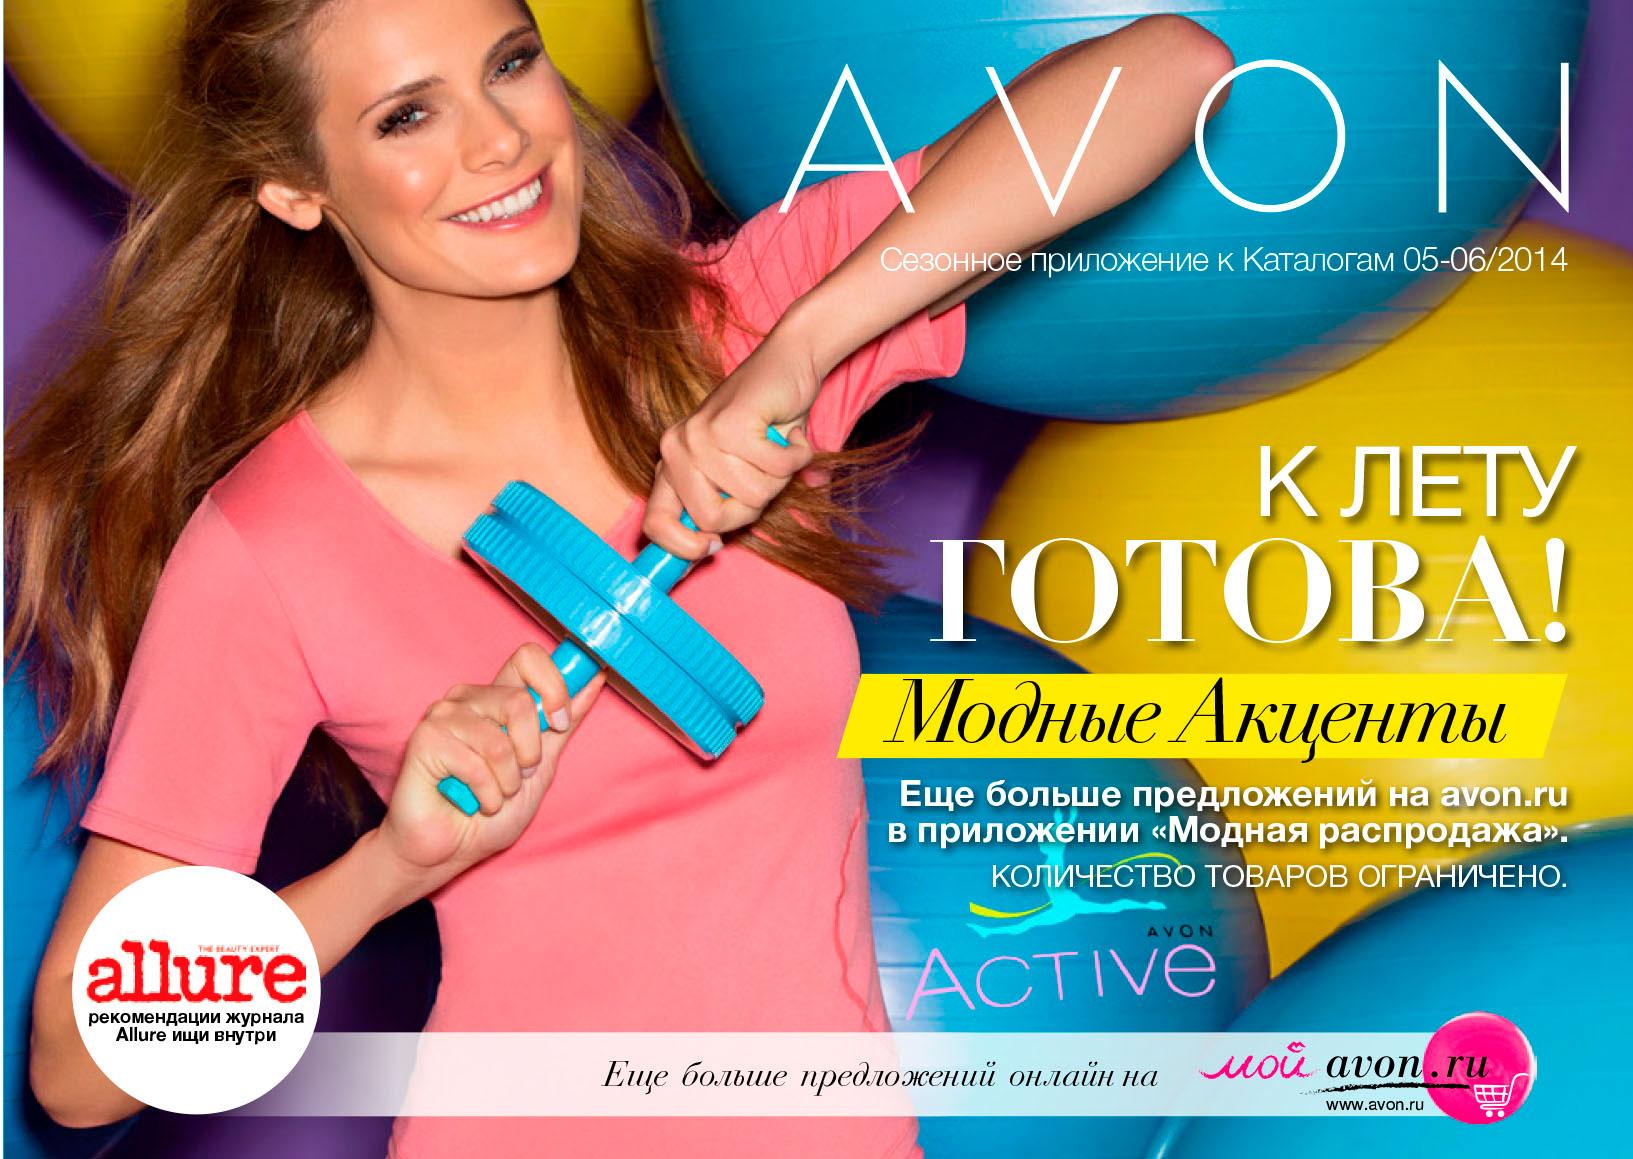 Новый каталог эйвон 09 2014 девочка в 8 лет купила косметику